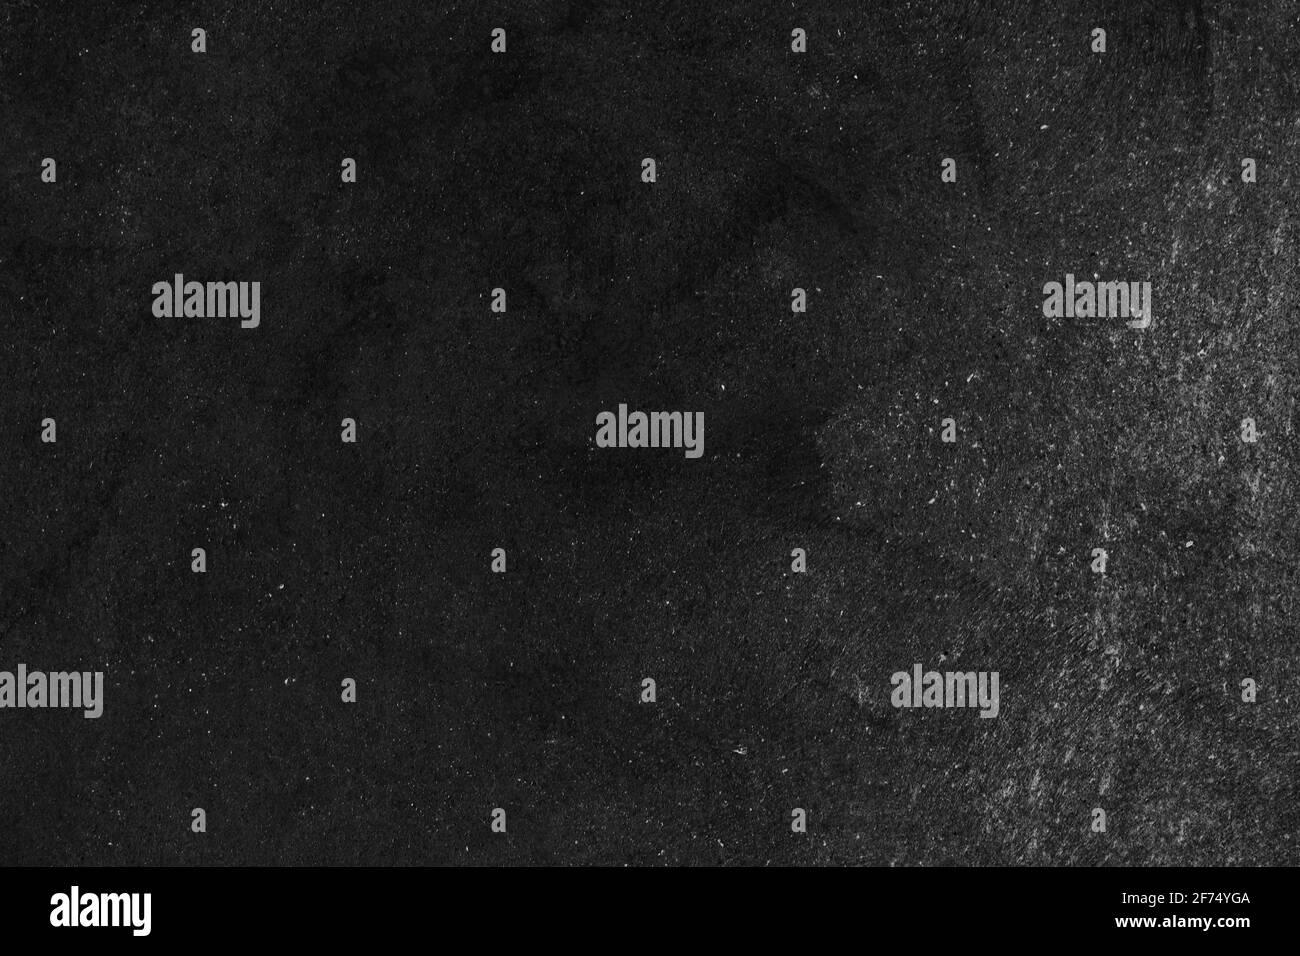 Leere Vorderseite echt schwarze Kreidetafel Hintergrund Textur in College-Konzept für Back to School Kind Tapete für erstellen weiße Kreide Text zeichnen Grafik. Bac Stockfoto